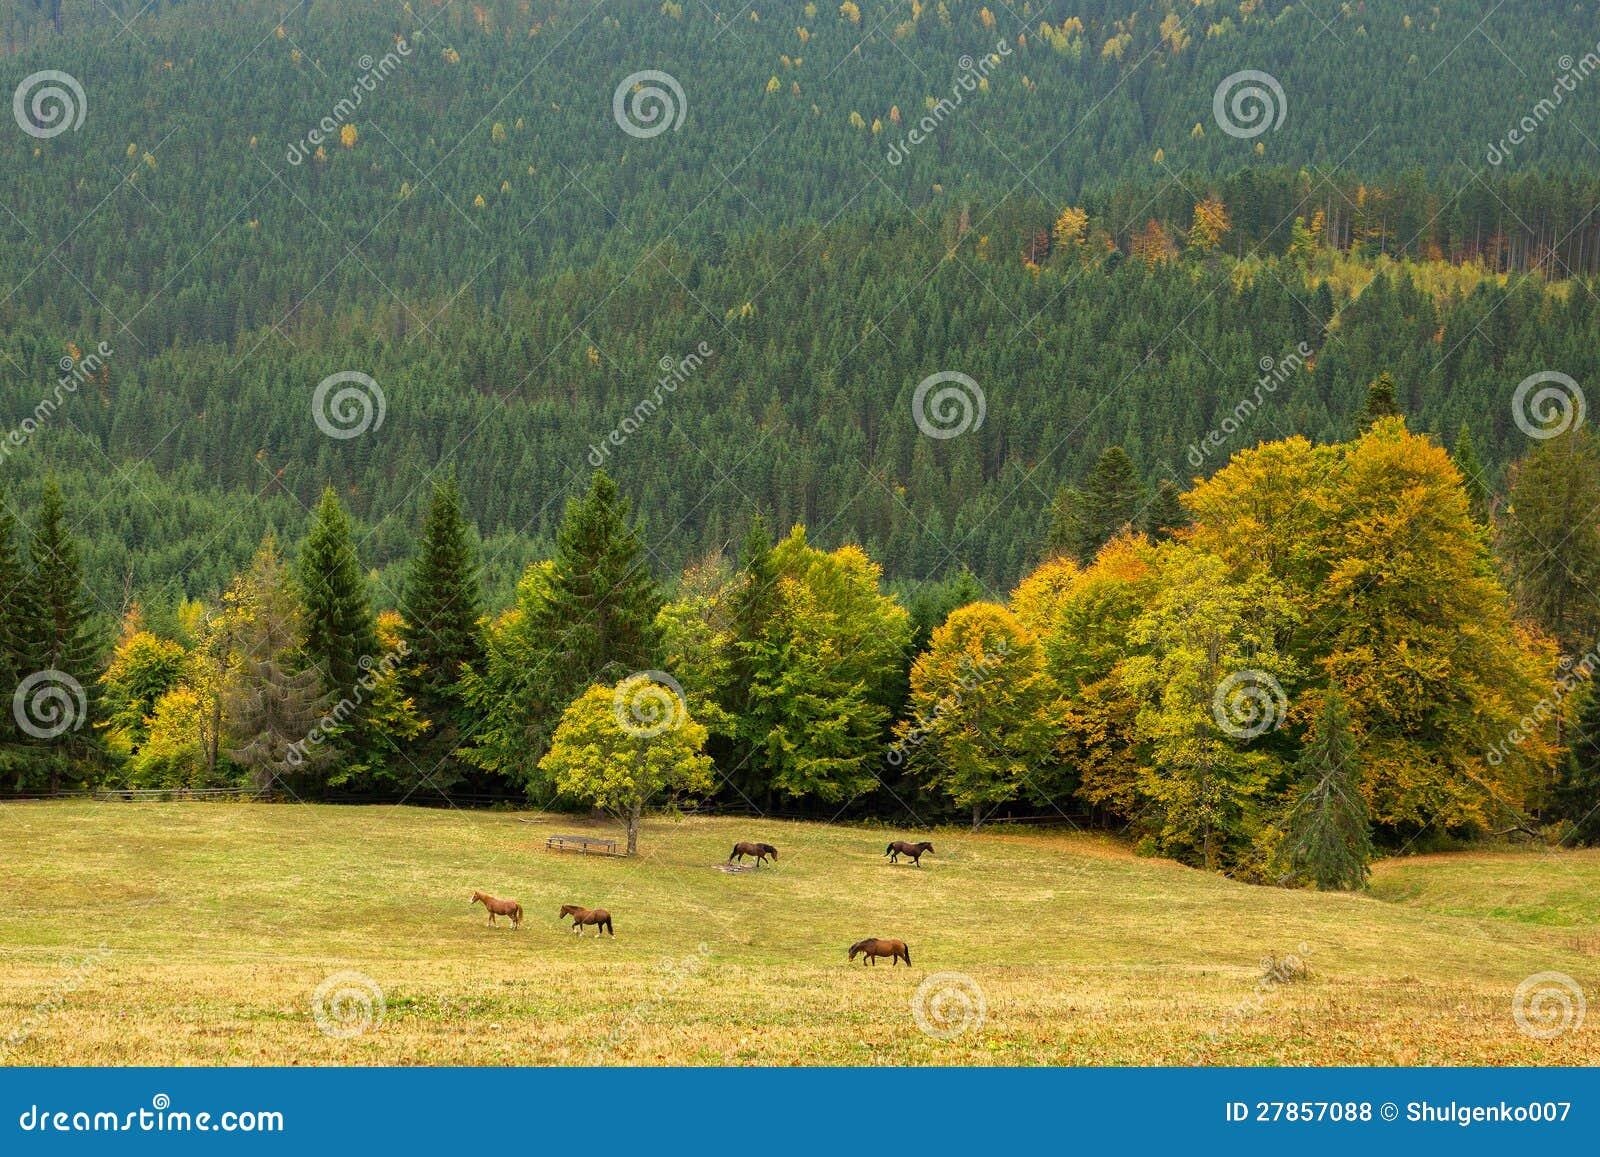 Piękny góra krajobraz z dzikim horsesð¸